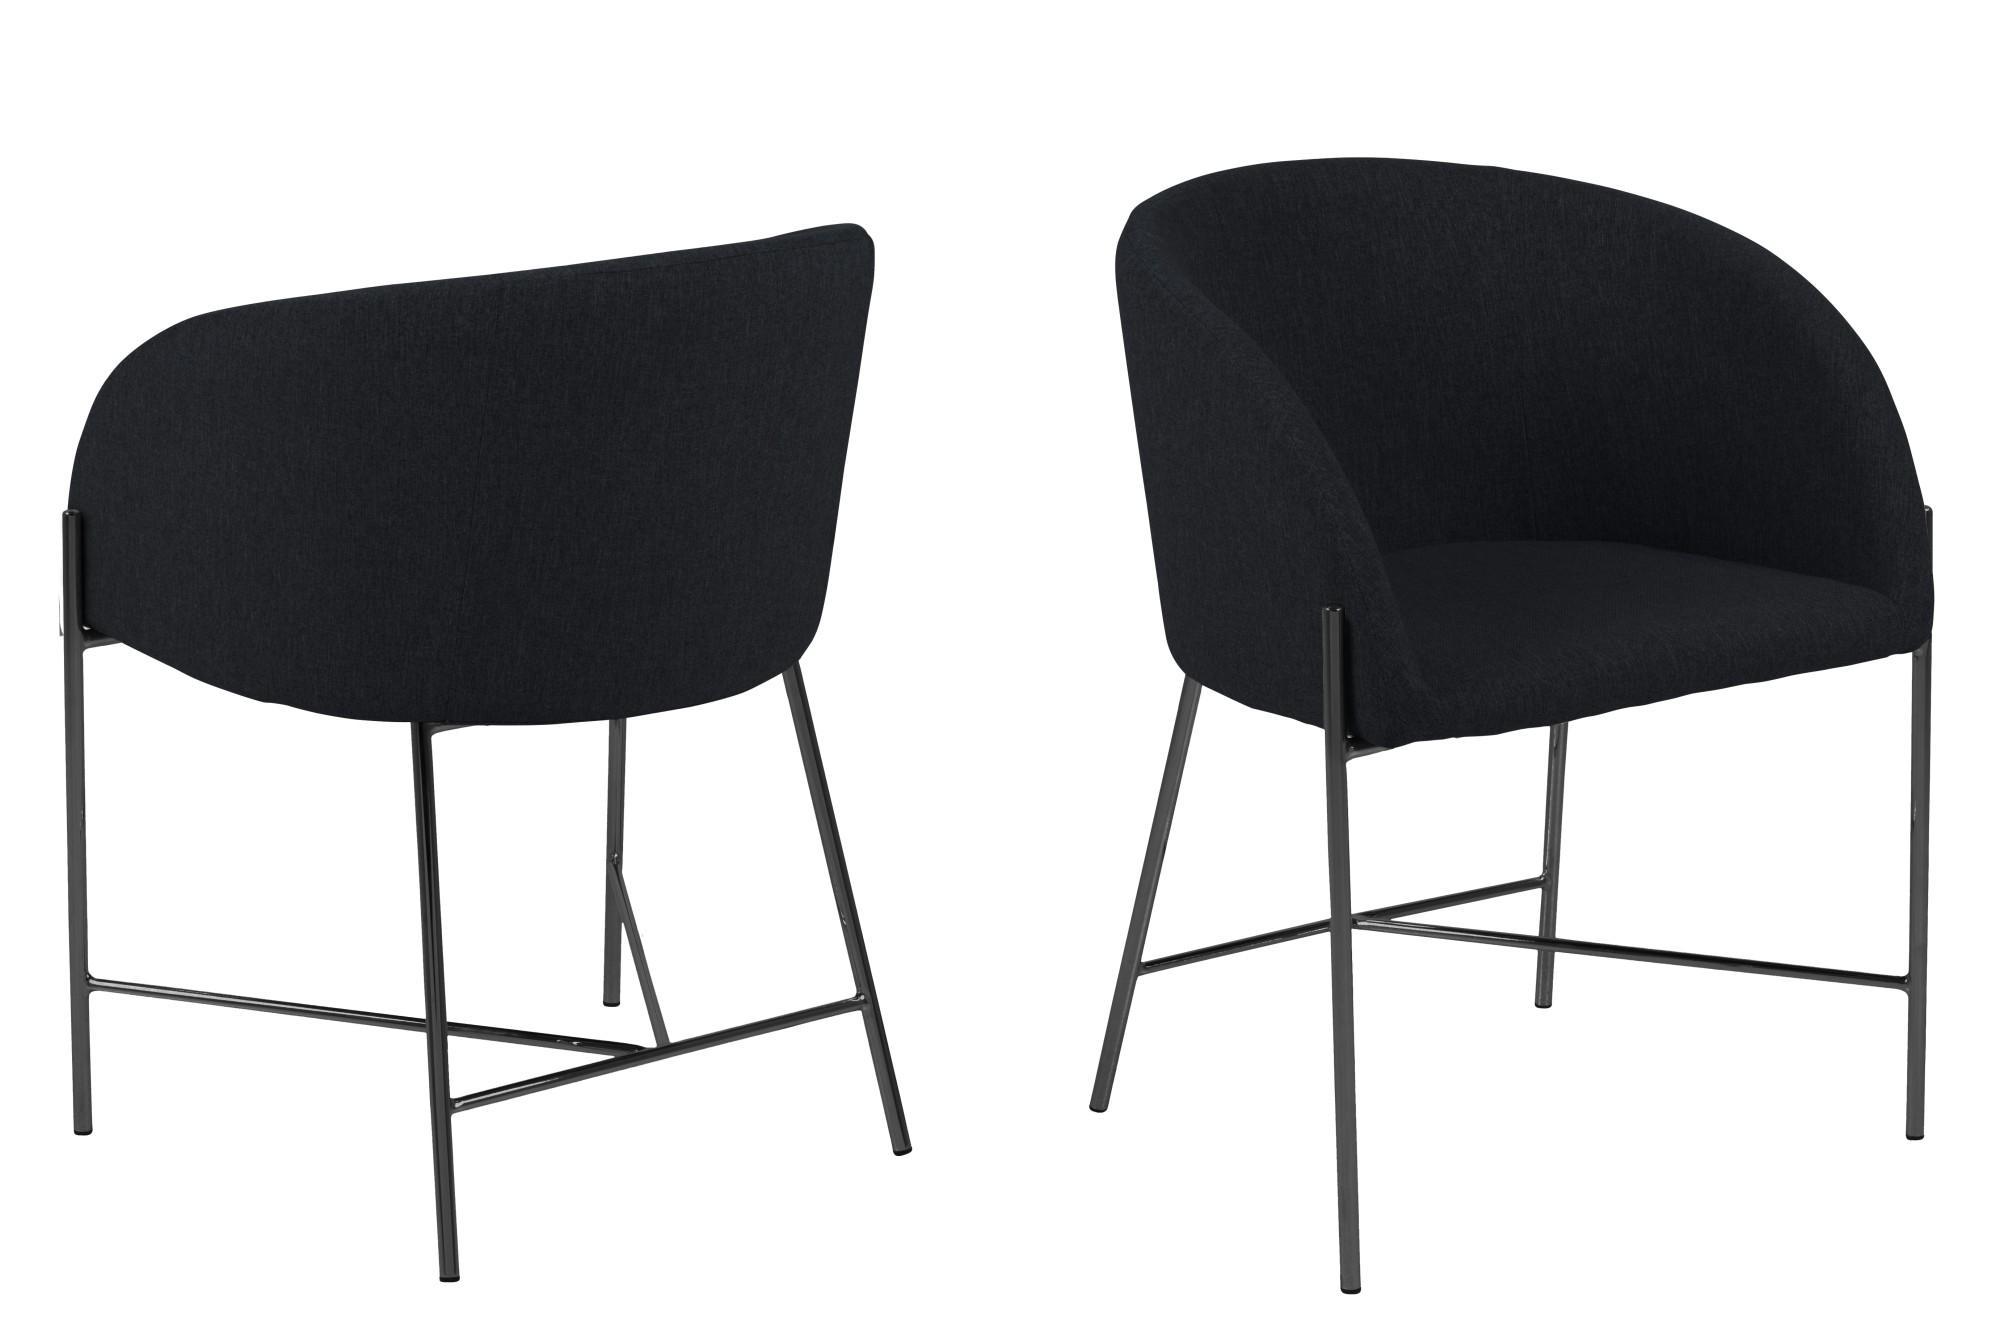 Esszimmer Stühle Kaufen